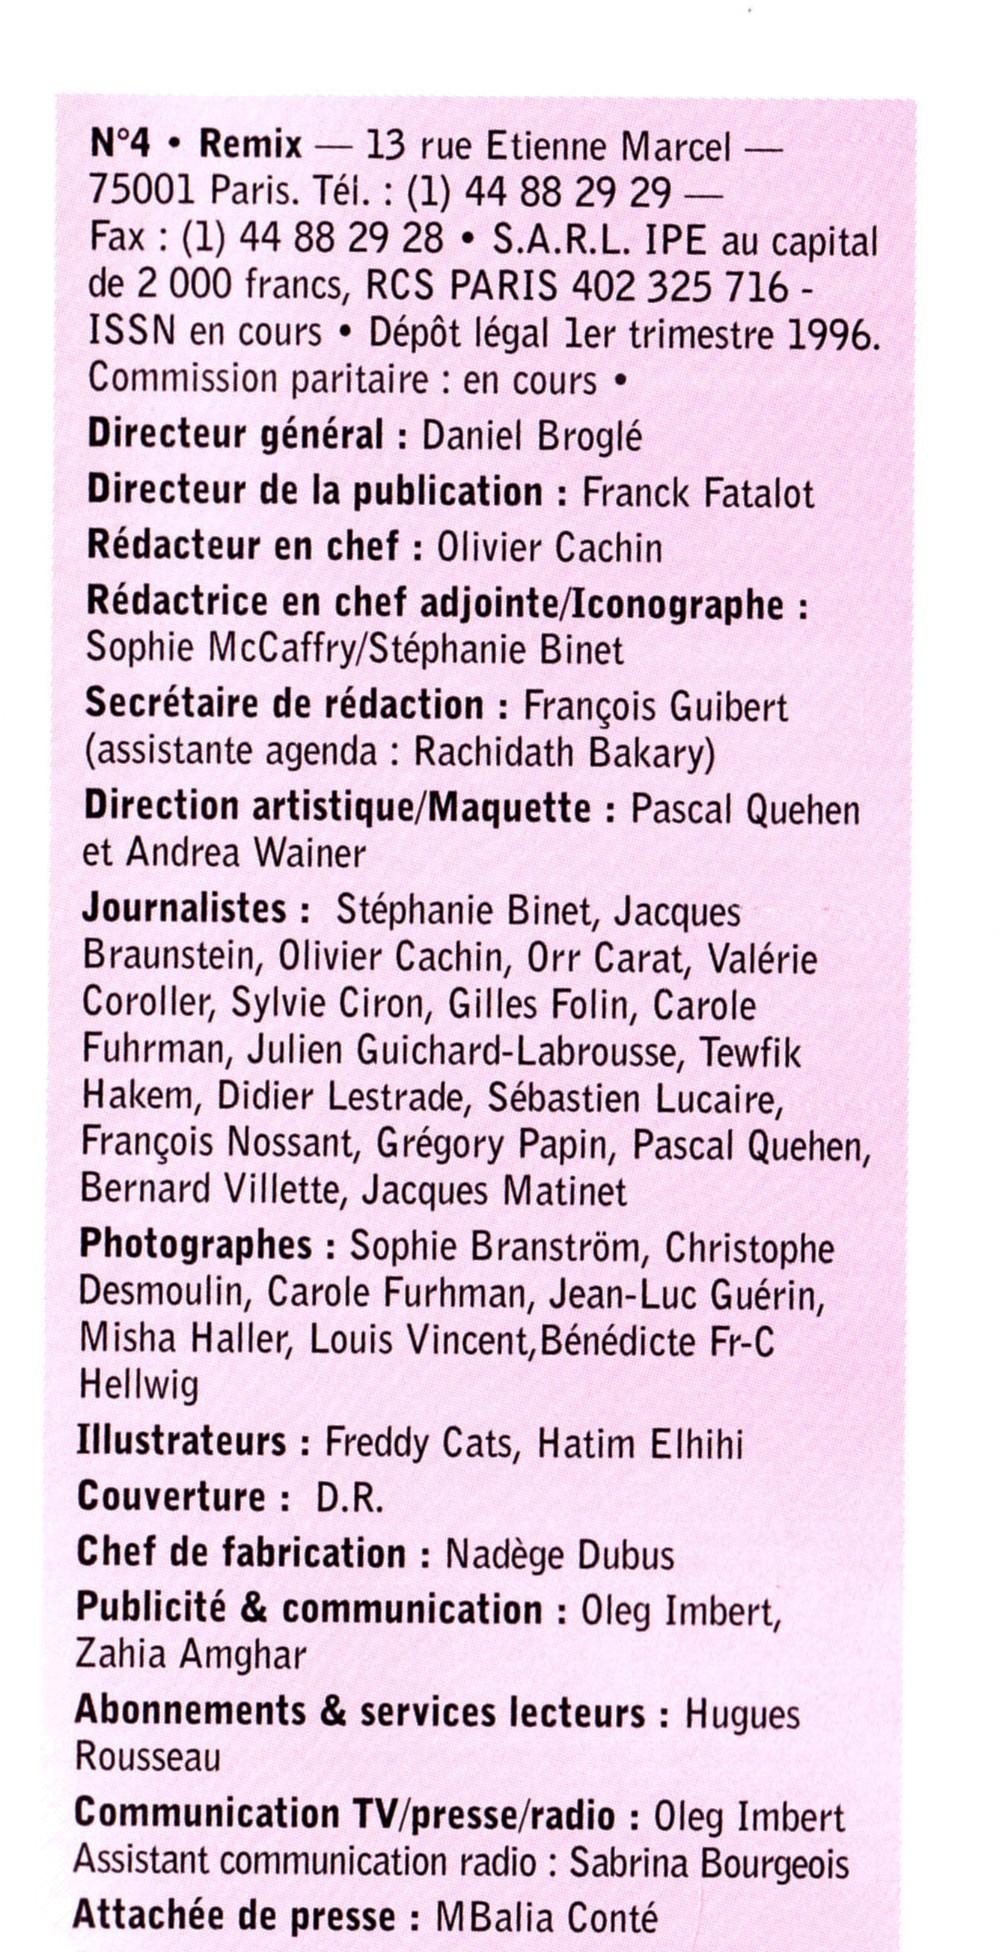 """Article sur GEORGE MICHAEL (""""Older"""") par SÉBASTIEN LUCAIRE (""""Remix"""" n°4, été 1996, rédacteur en chef OLIVIER CACHIN) 16122701262222355014728682"""